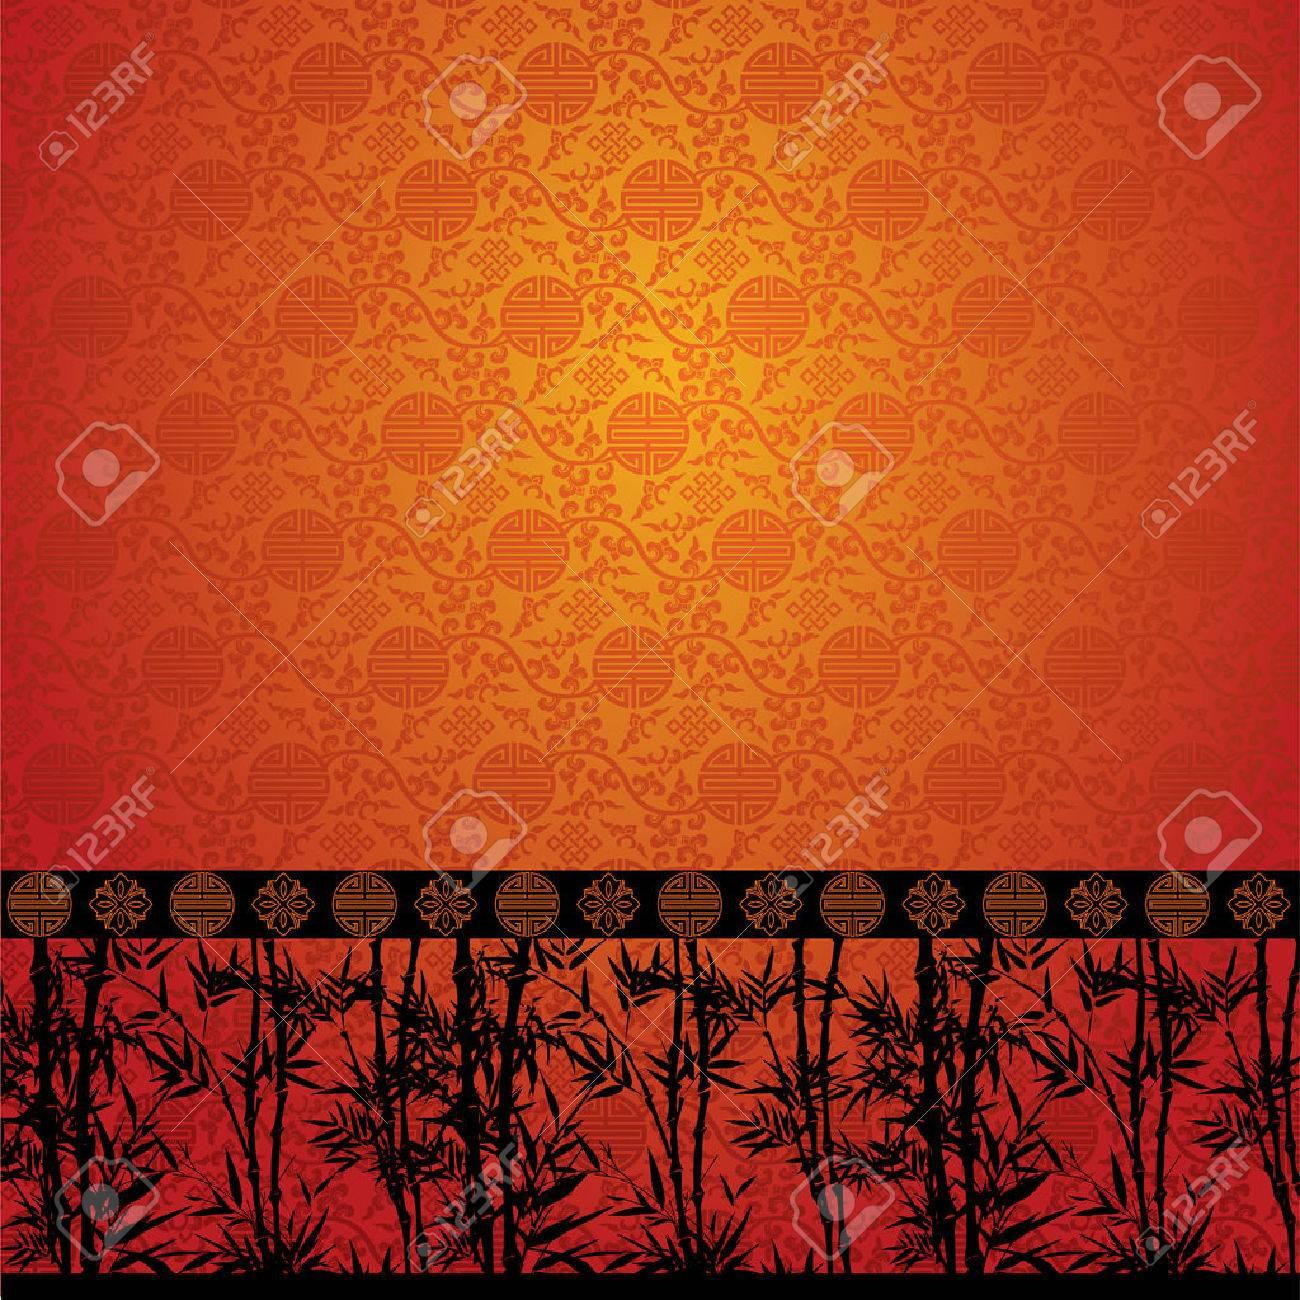 中国の伝統的な模様の壁紙に竹模様のイラスト素材 ベクタ Image